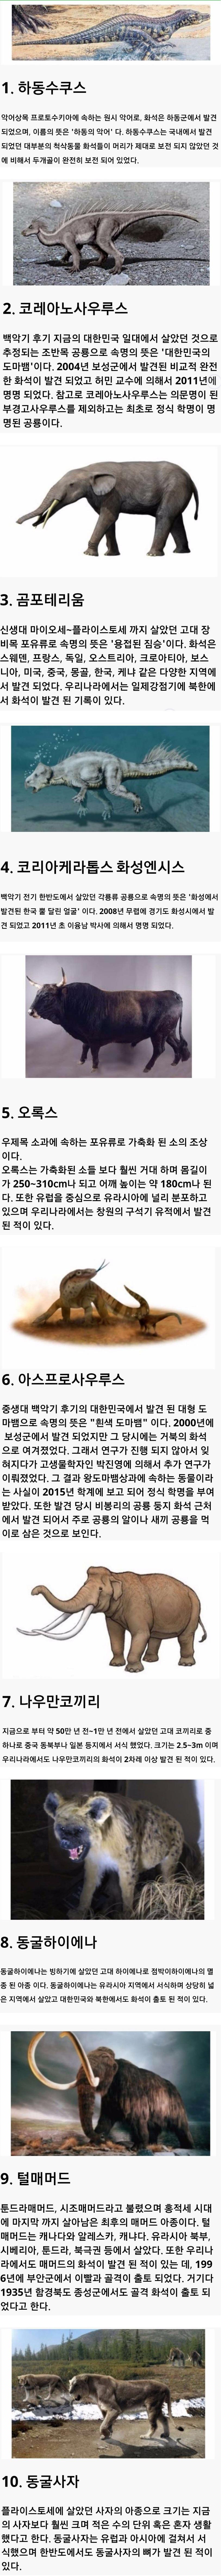 한반도에 서식했던 고대 동물